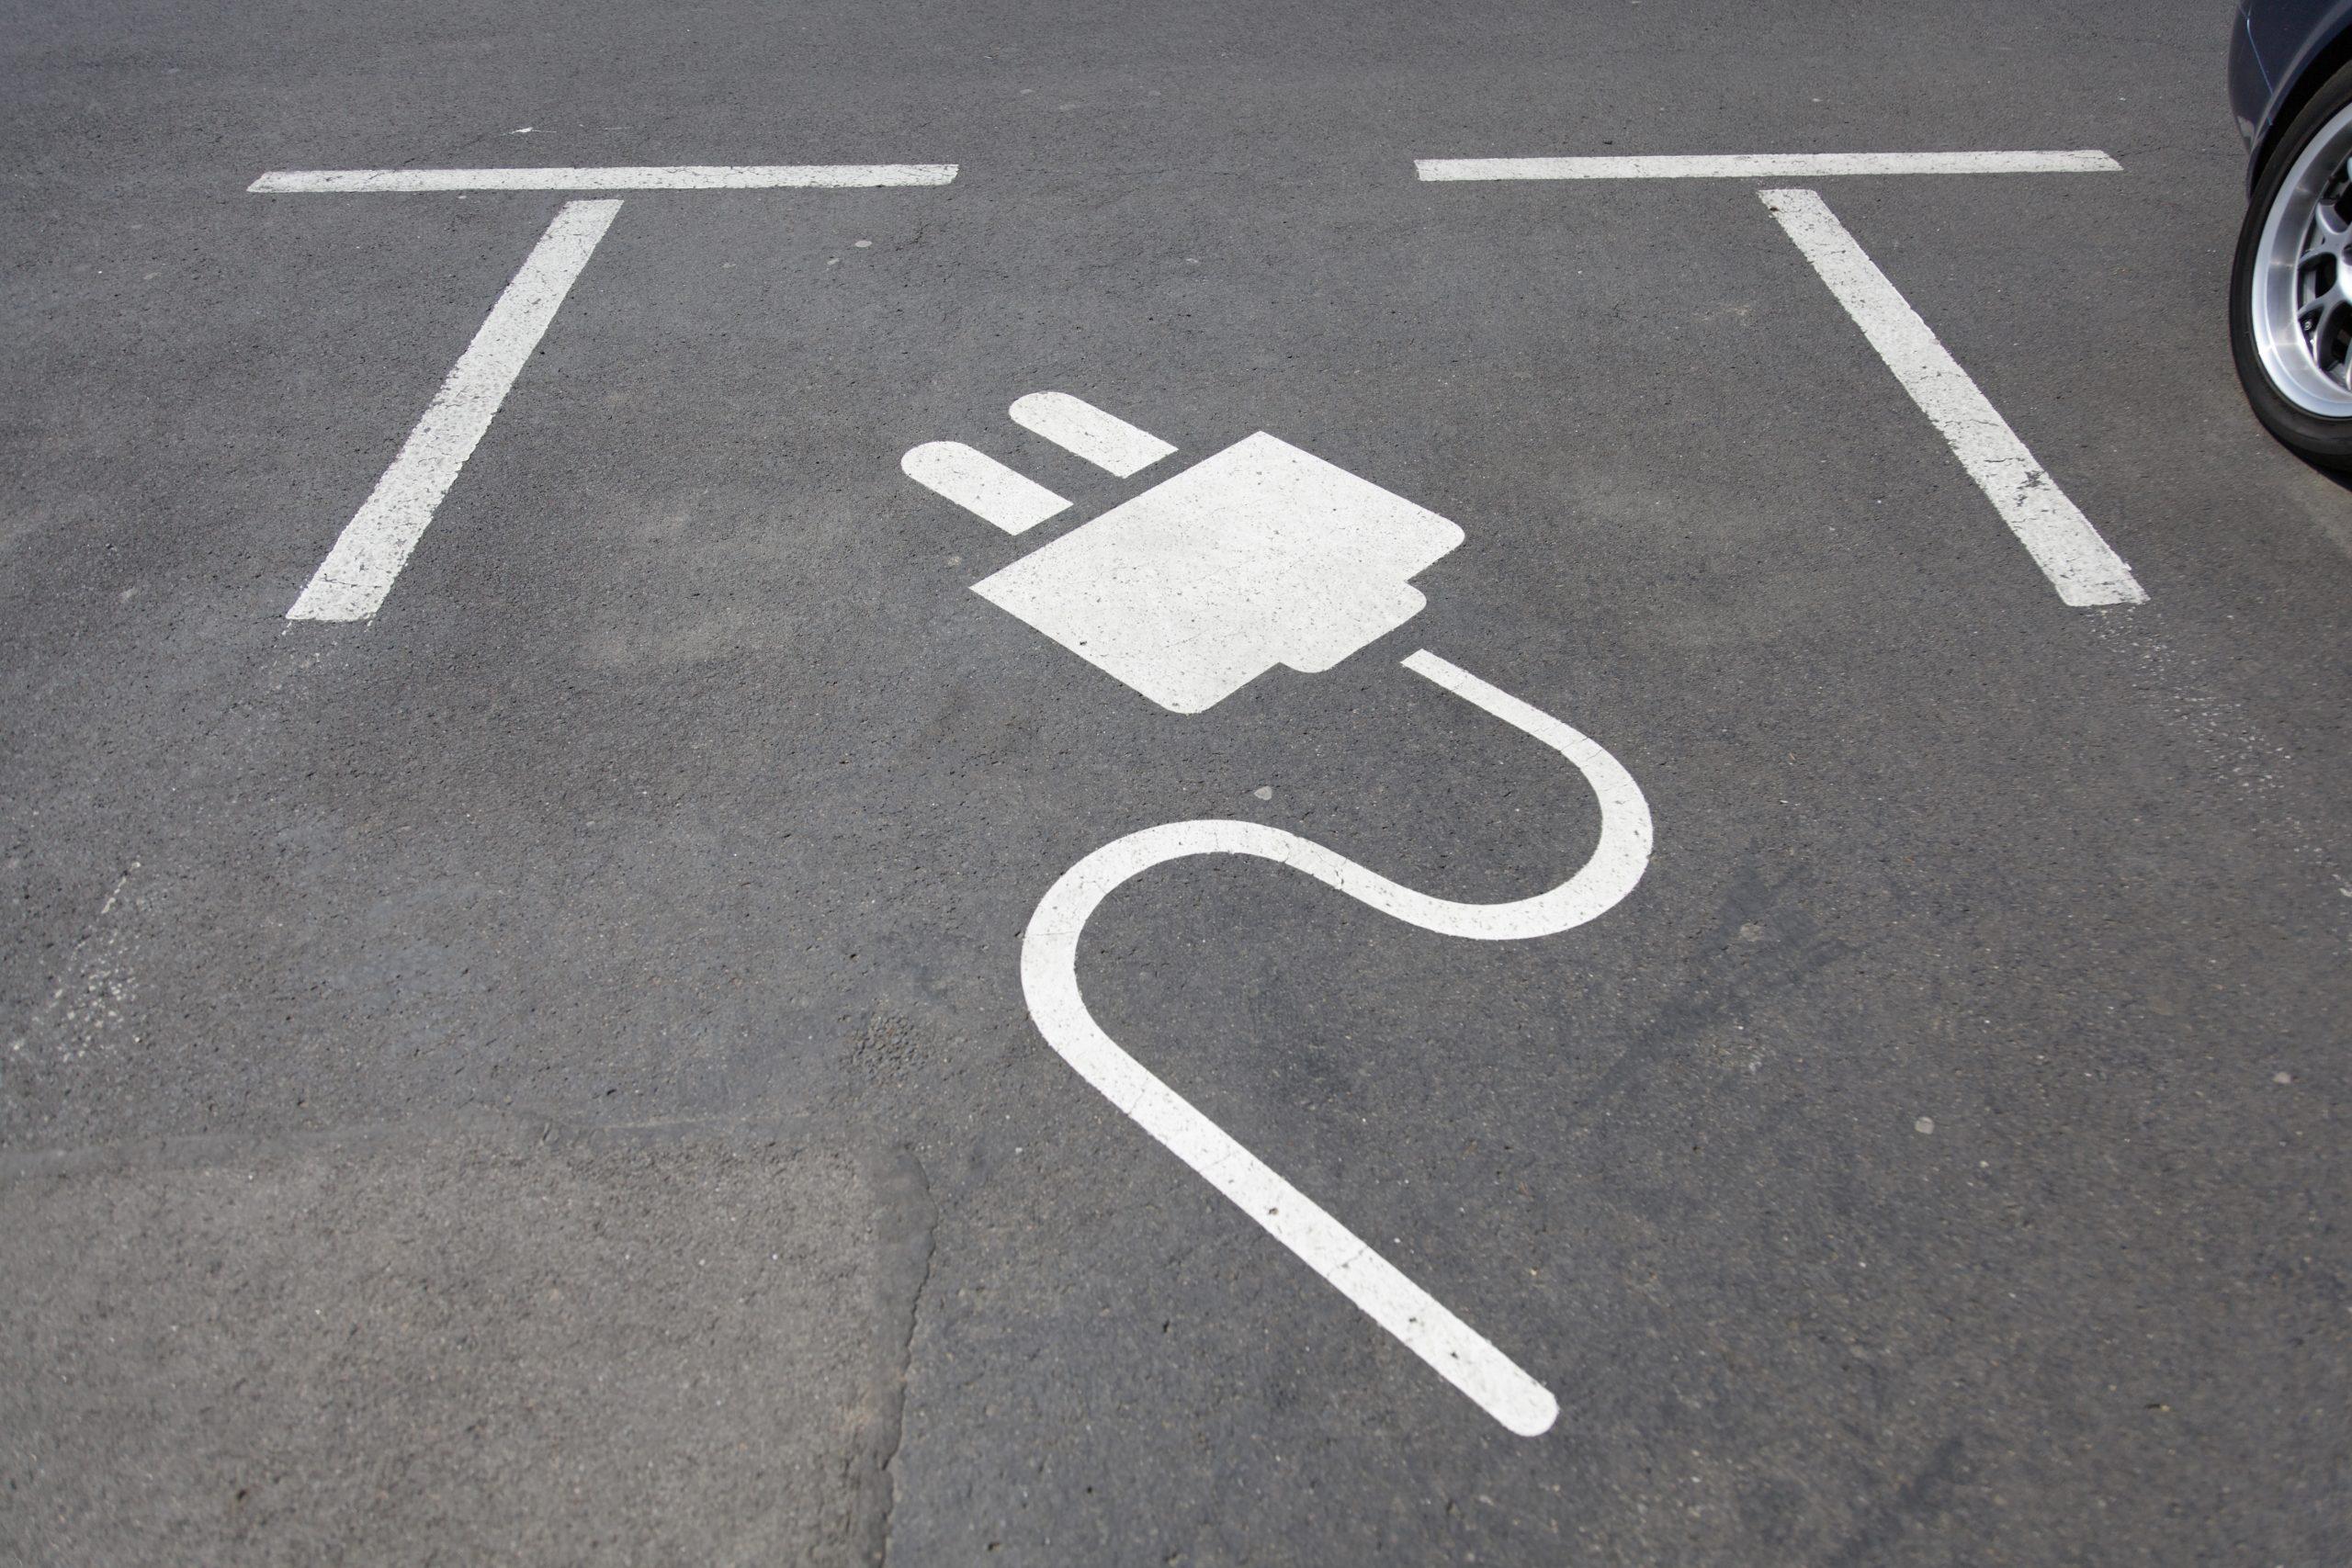 Parkeringsplats med en målad ladd kontakt, en symbol som indikerar laddning